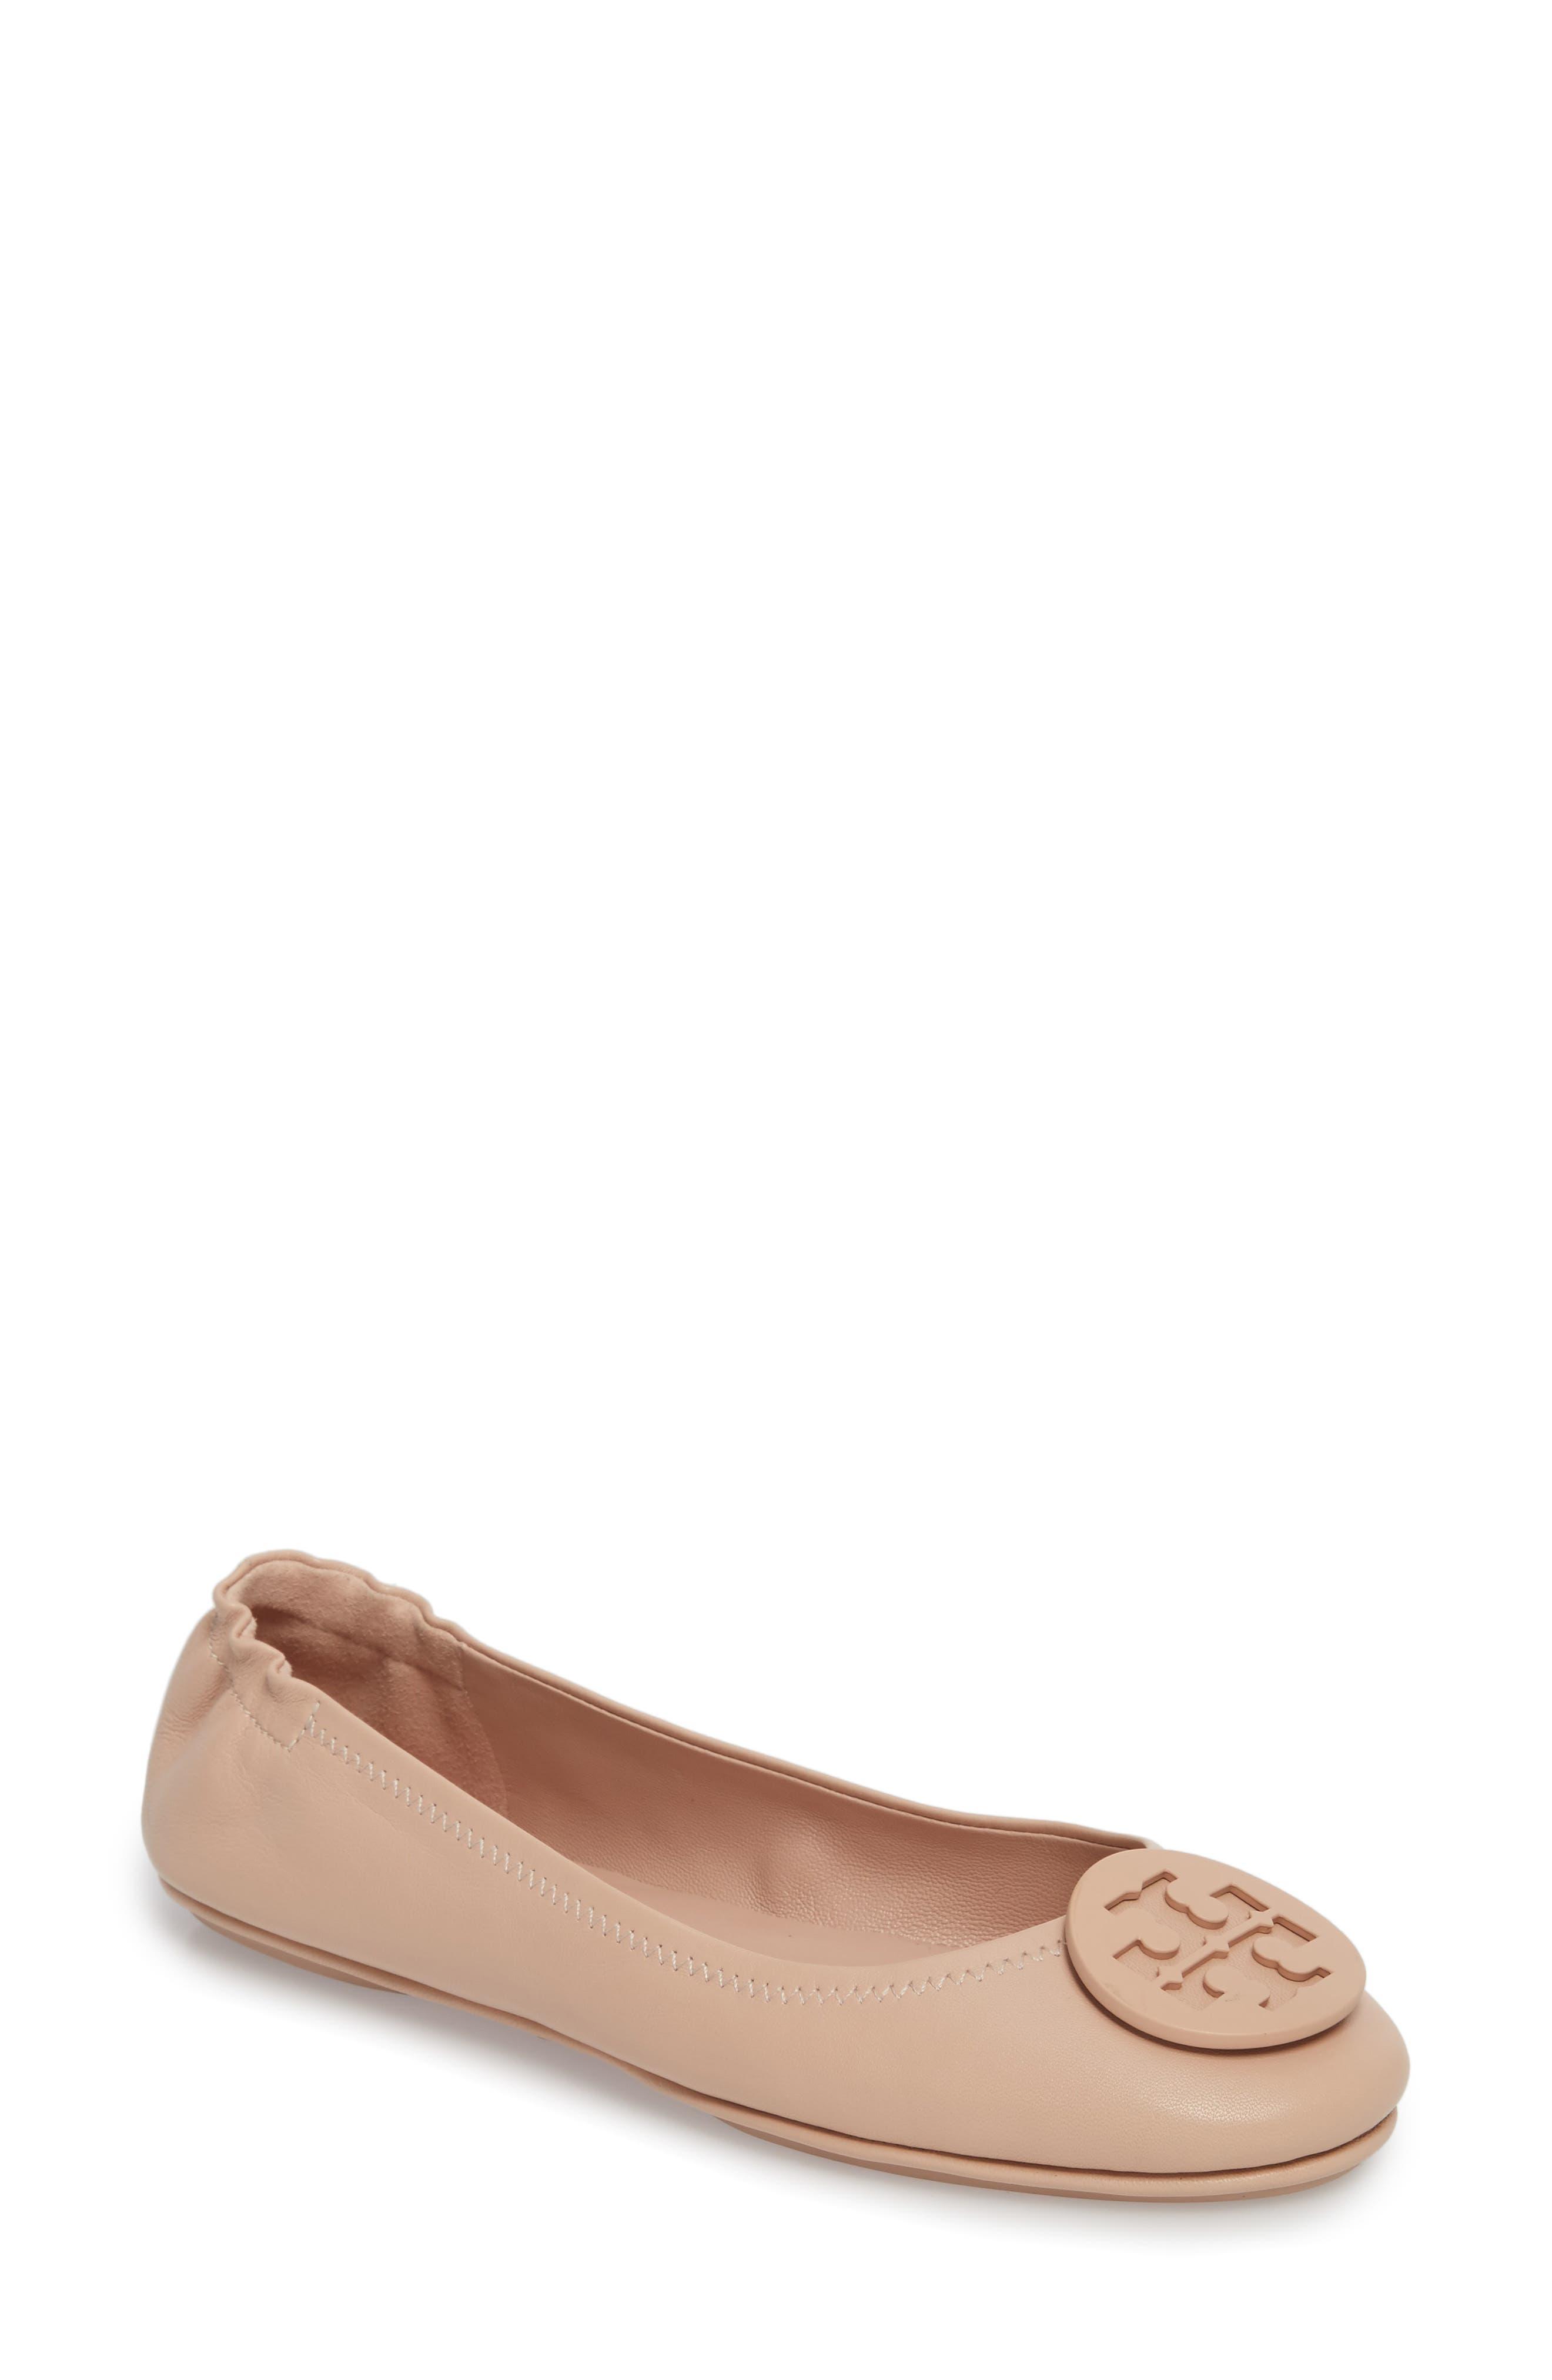 Tory Burch 'Minnie' Travel Ballet Flat (Women)